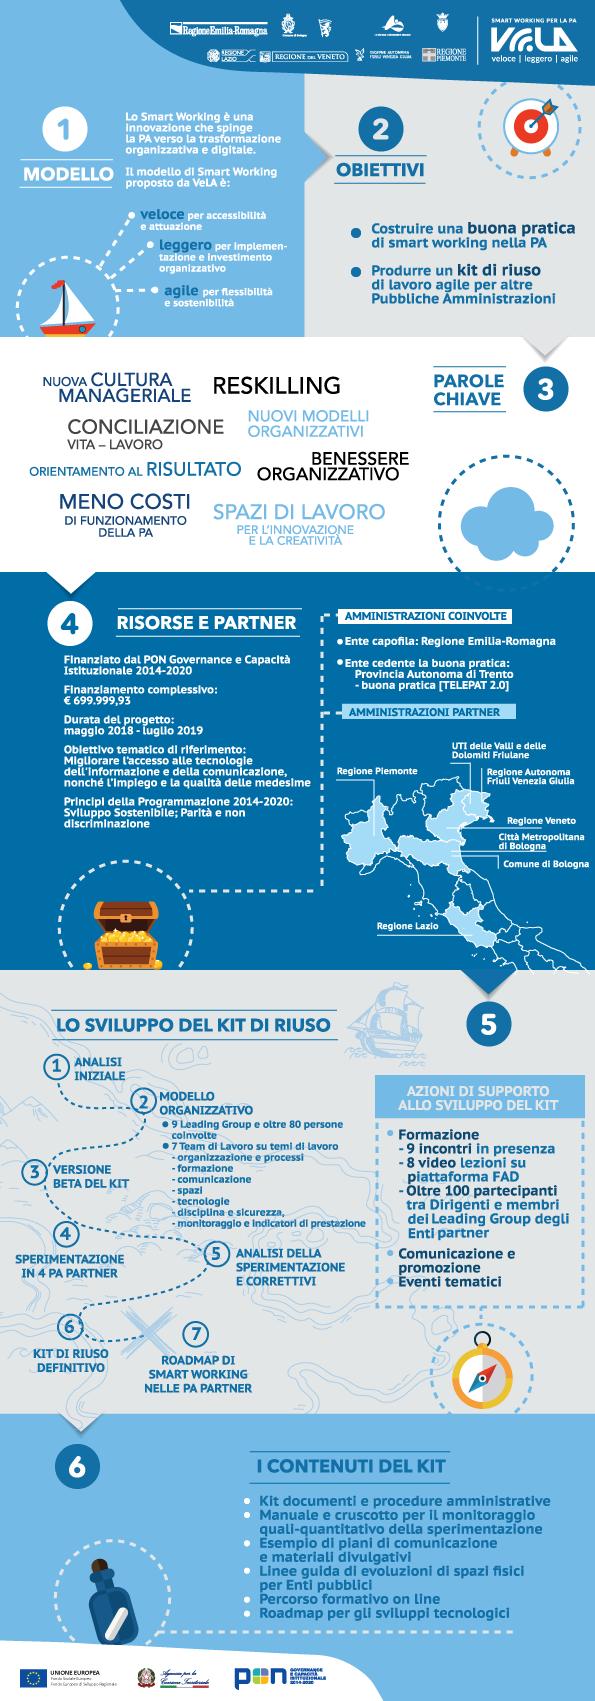 Infografica sul kit di riuso